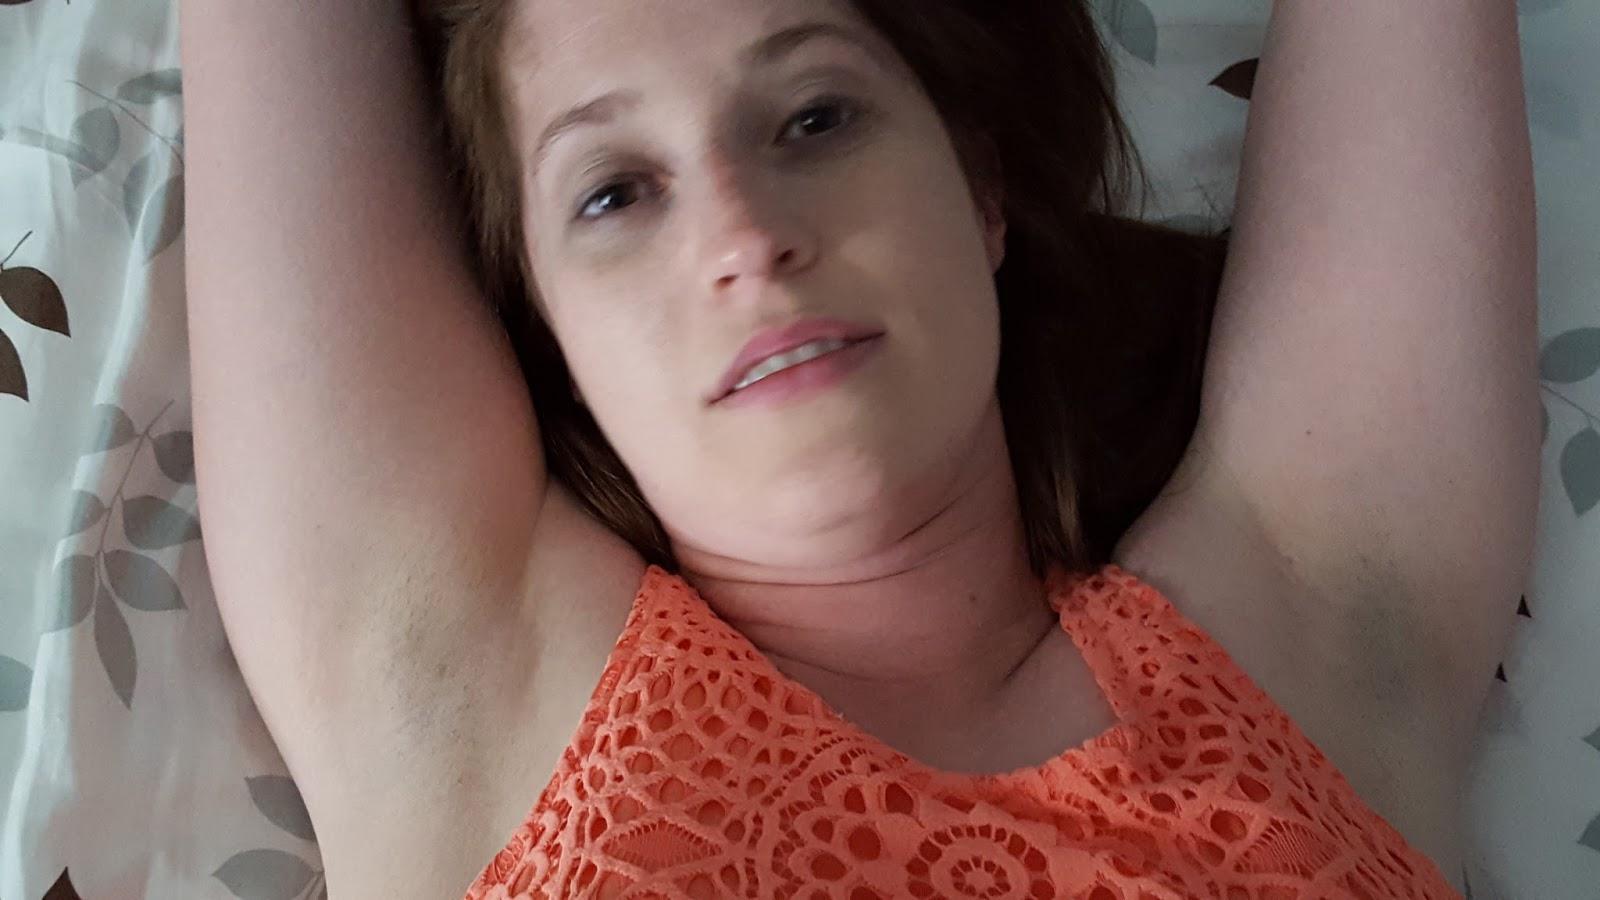 Interactive virtual porn